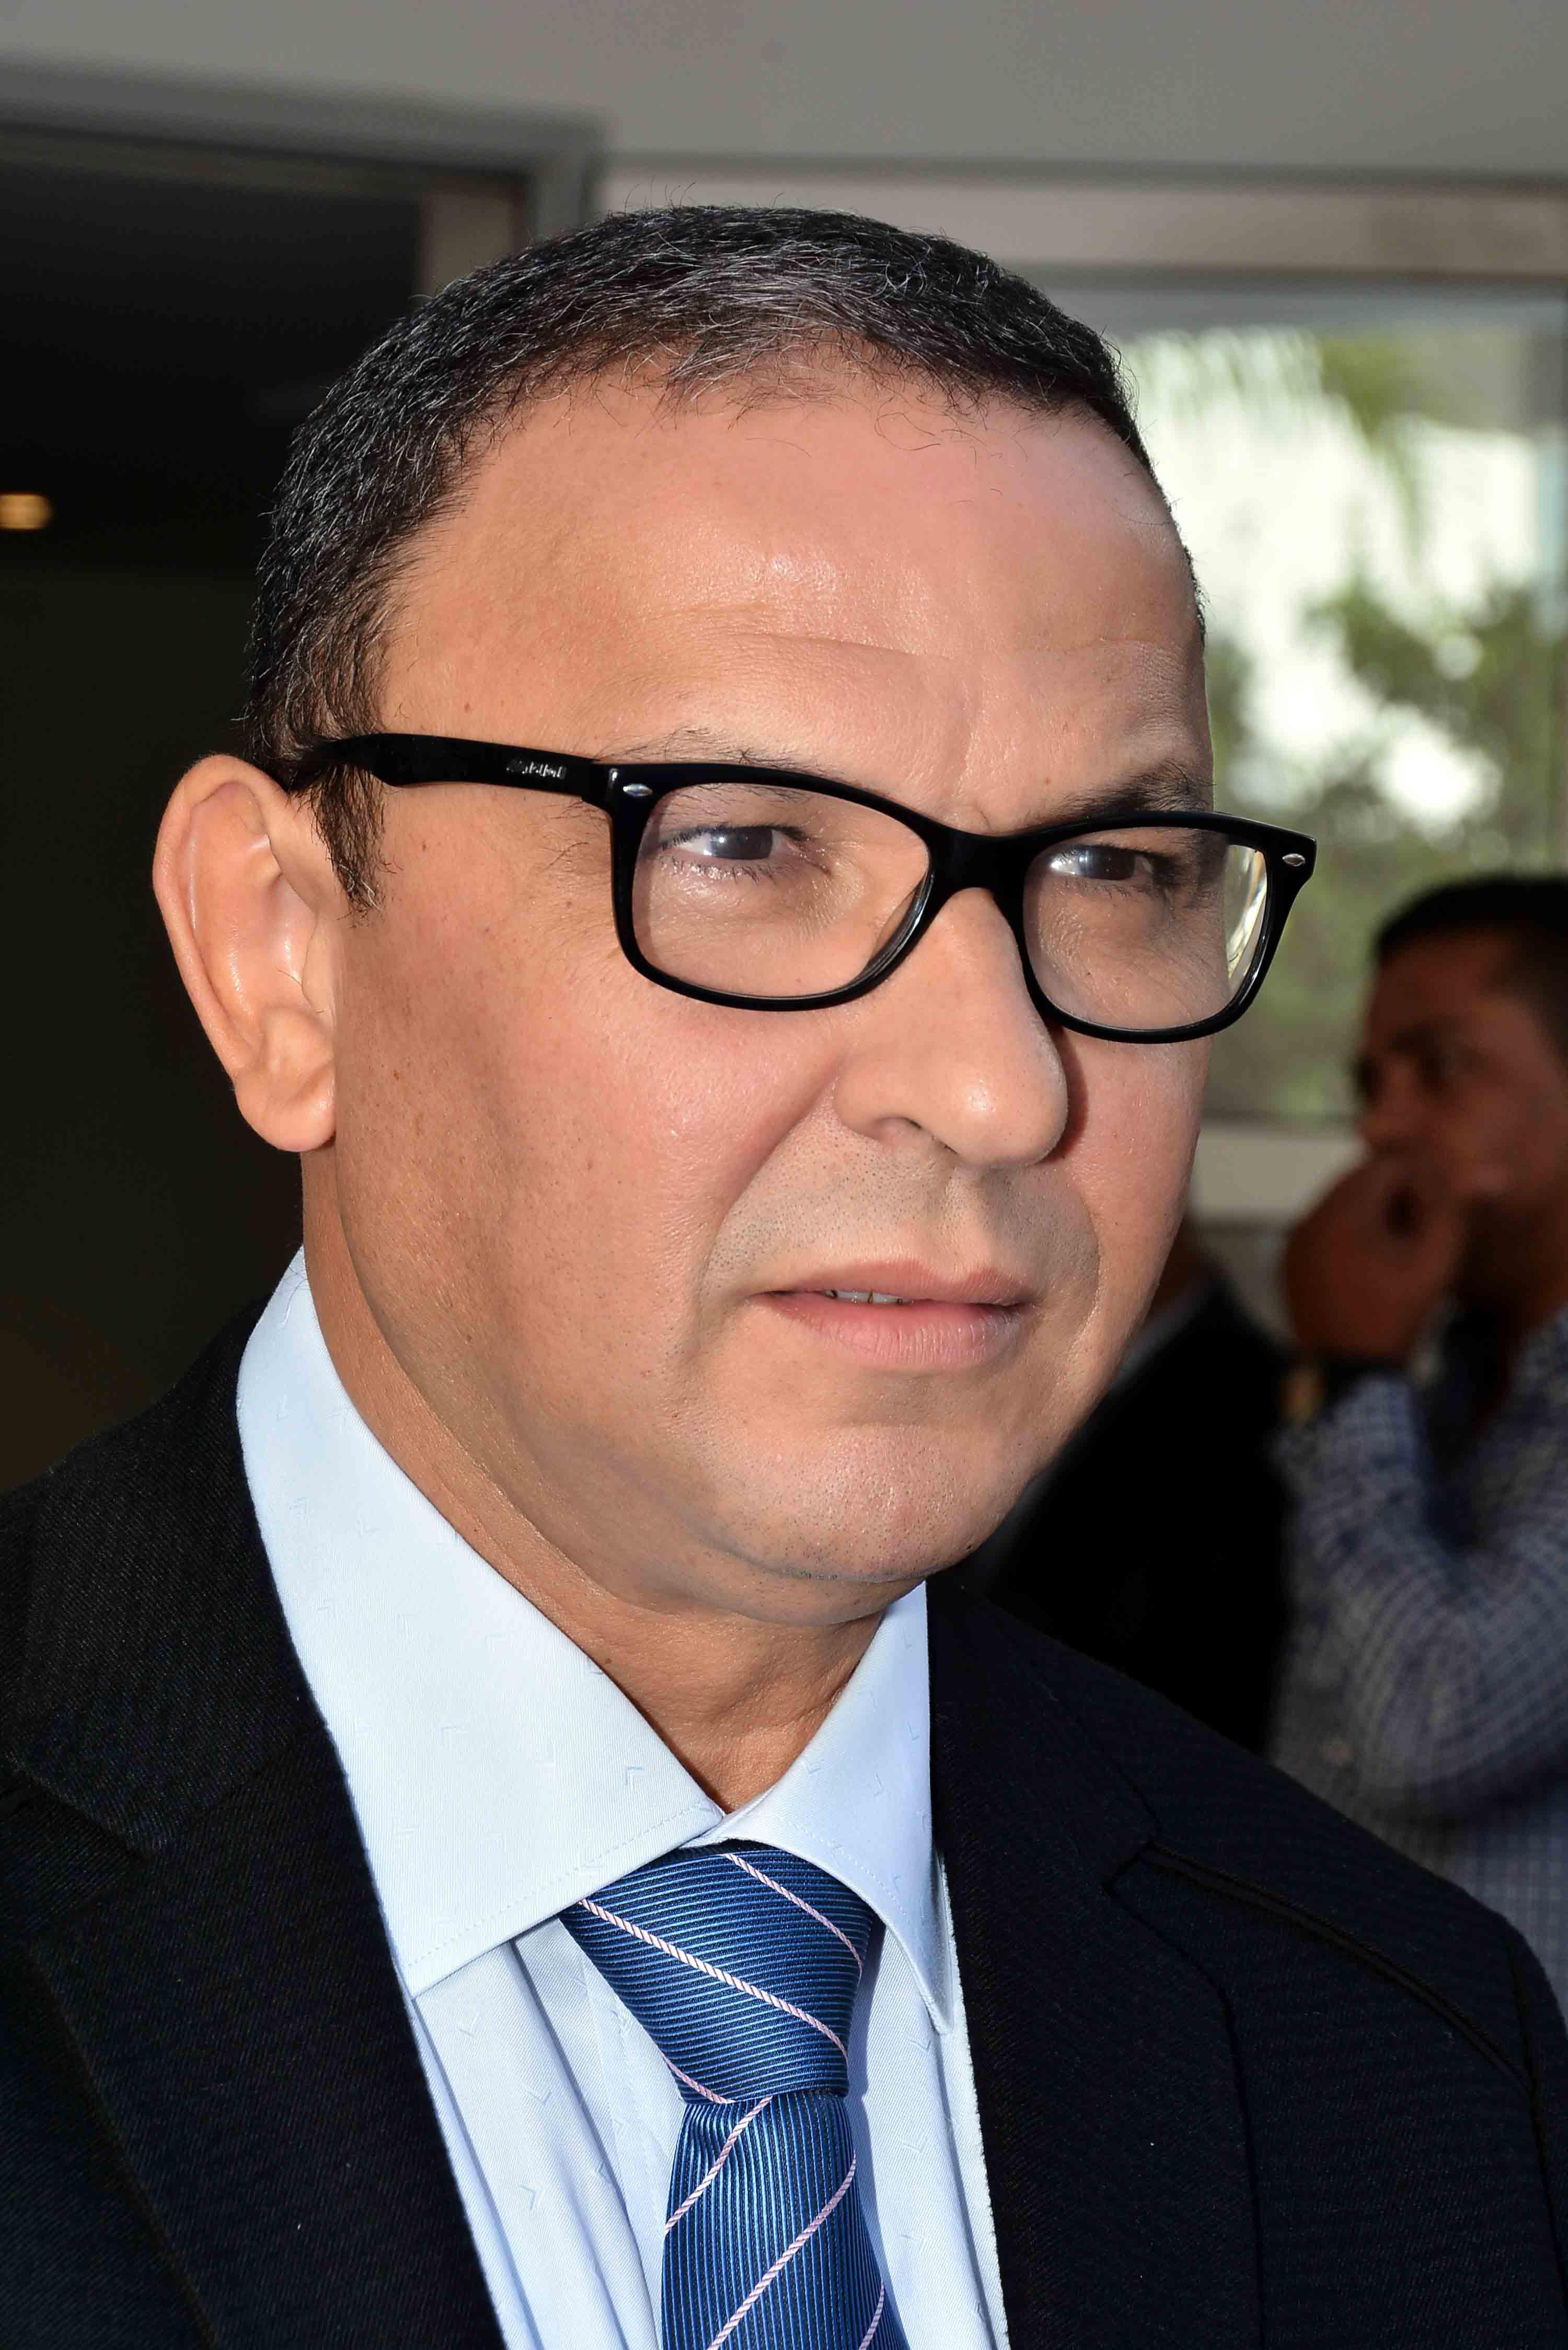 Dialyse à domicile au Maroc, Myopie, les déficits auditifs et chirurgie holographique à l'hôpital d'Instruction militaire Mohammed V de Rabat